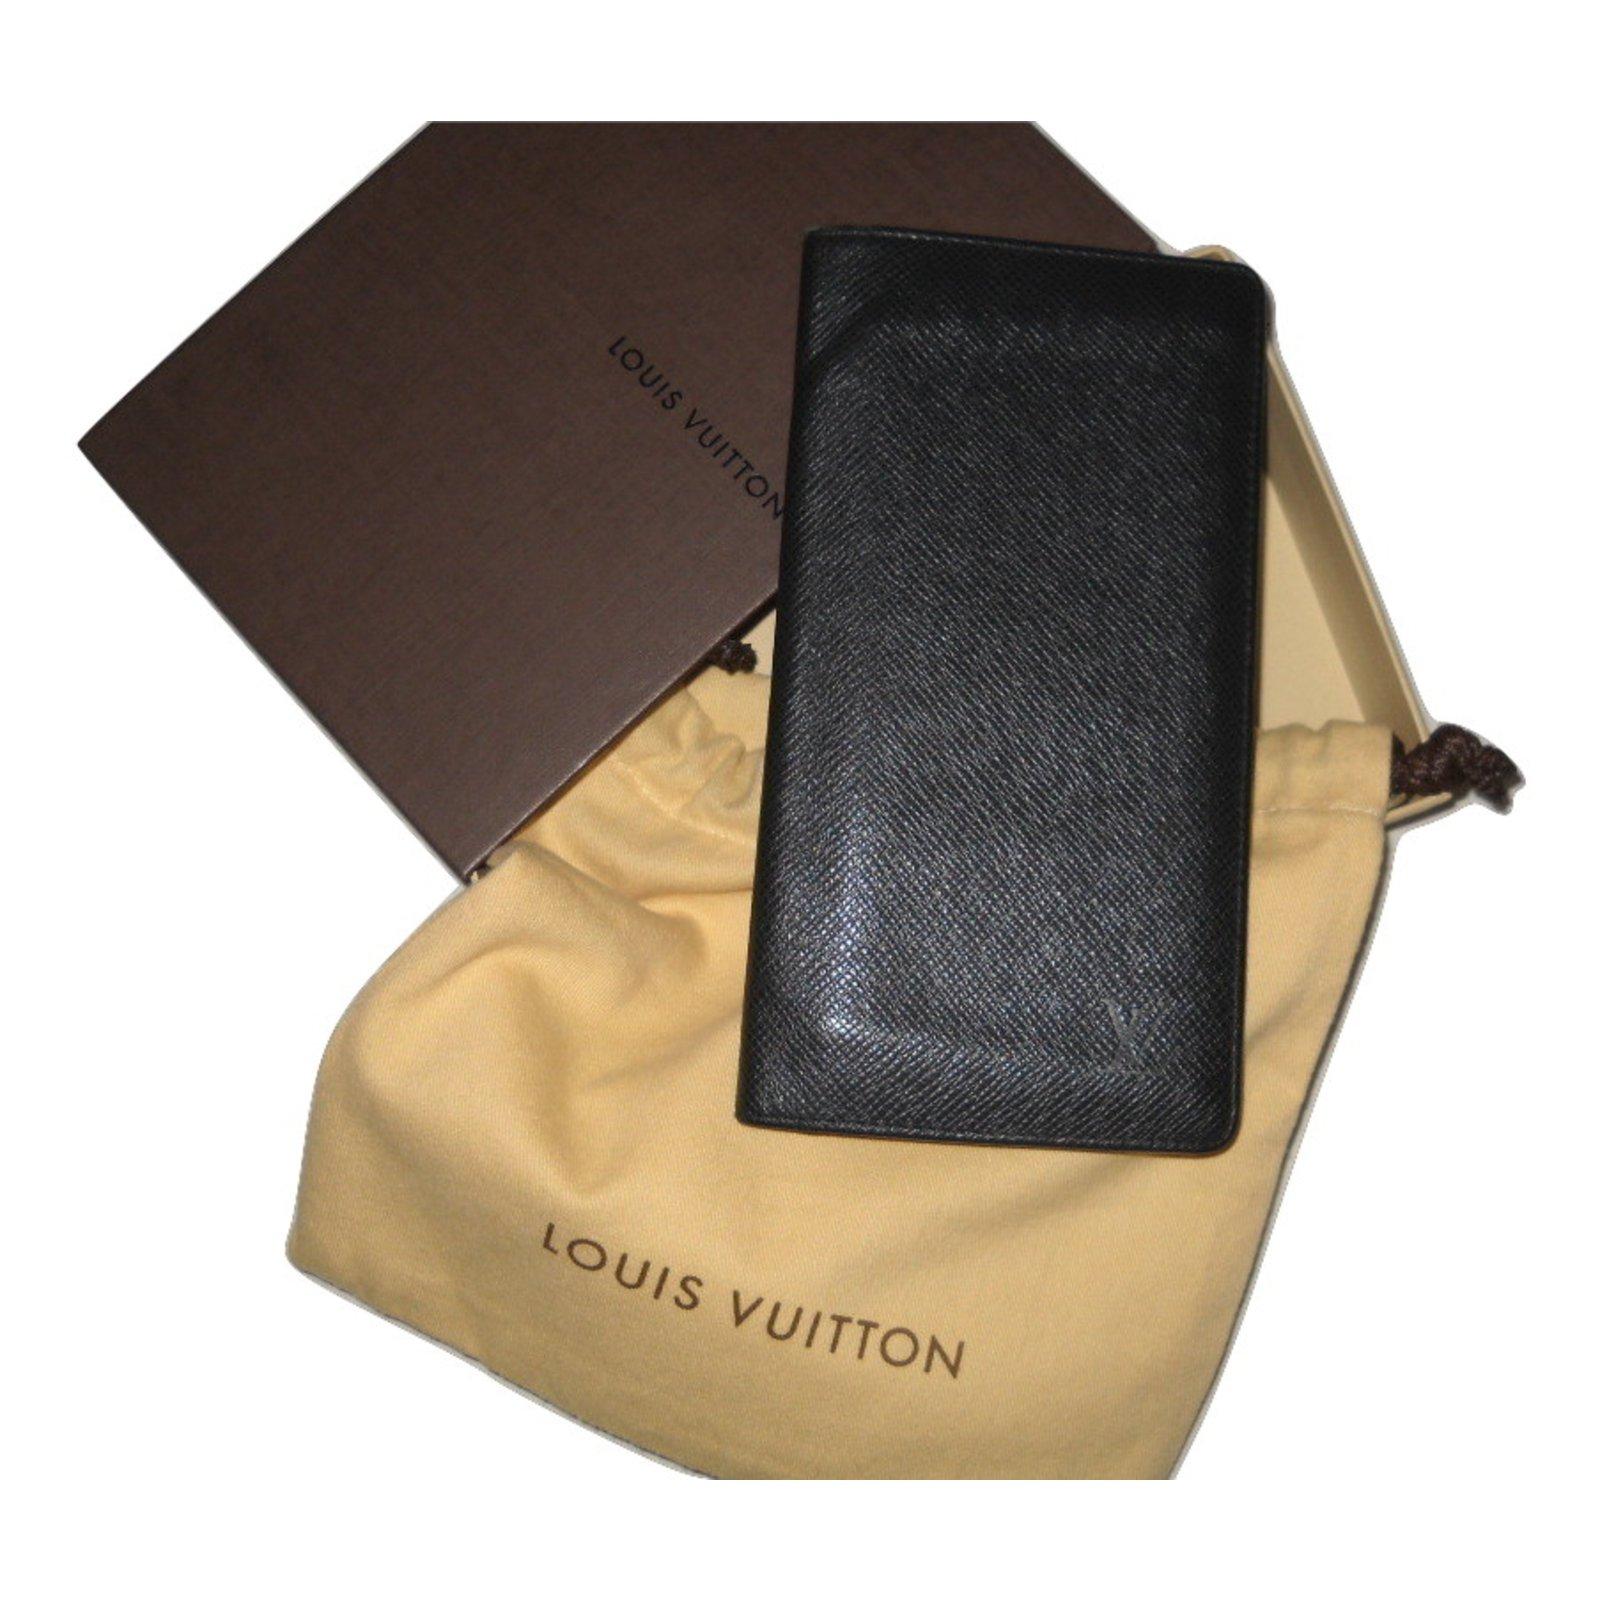 Petite maroquinerie homme louis vuitton portefeuille cuir taiga cuir gris joli closet - Porte monnaie louis vuitton homme ...